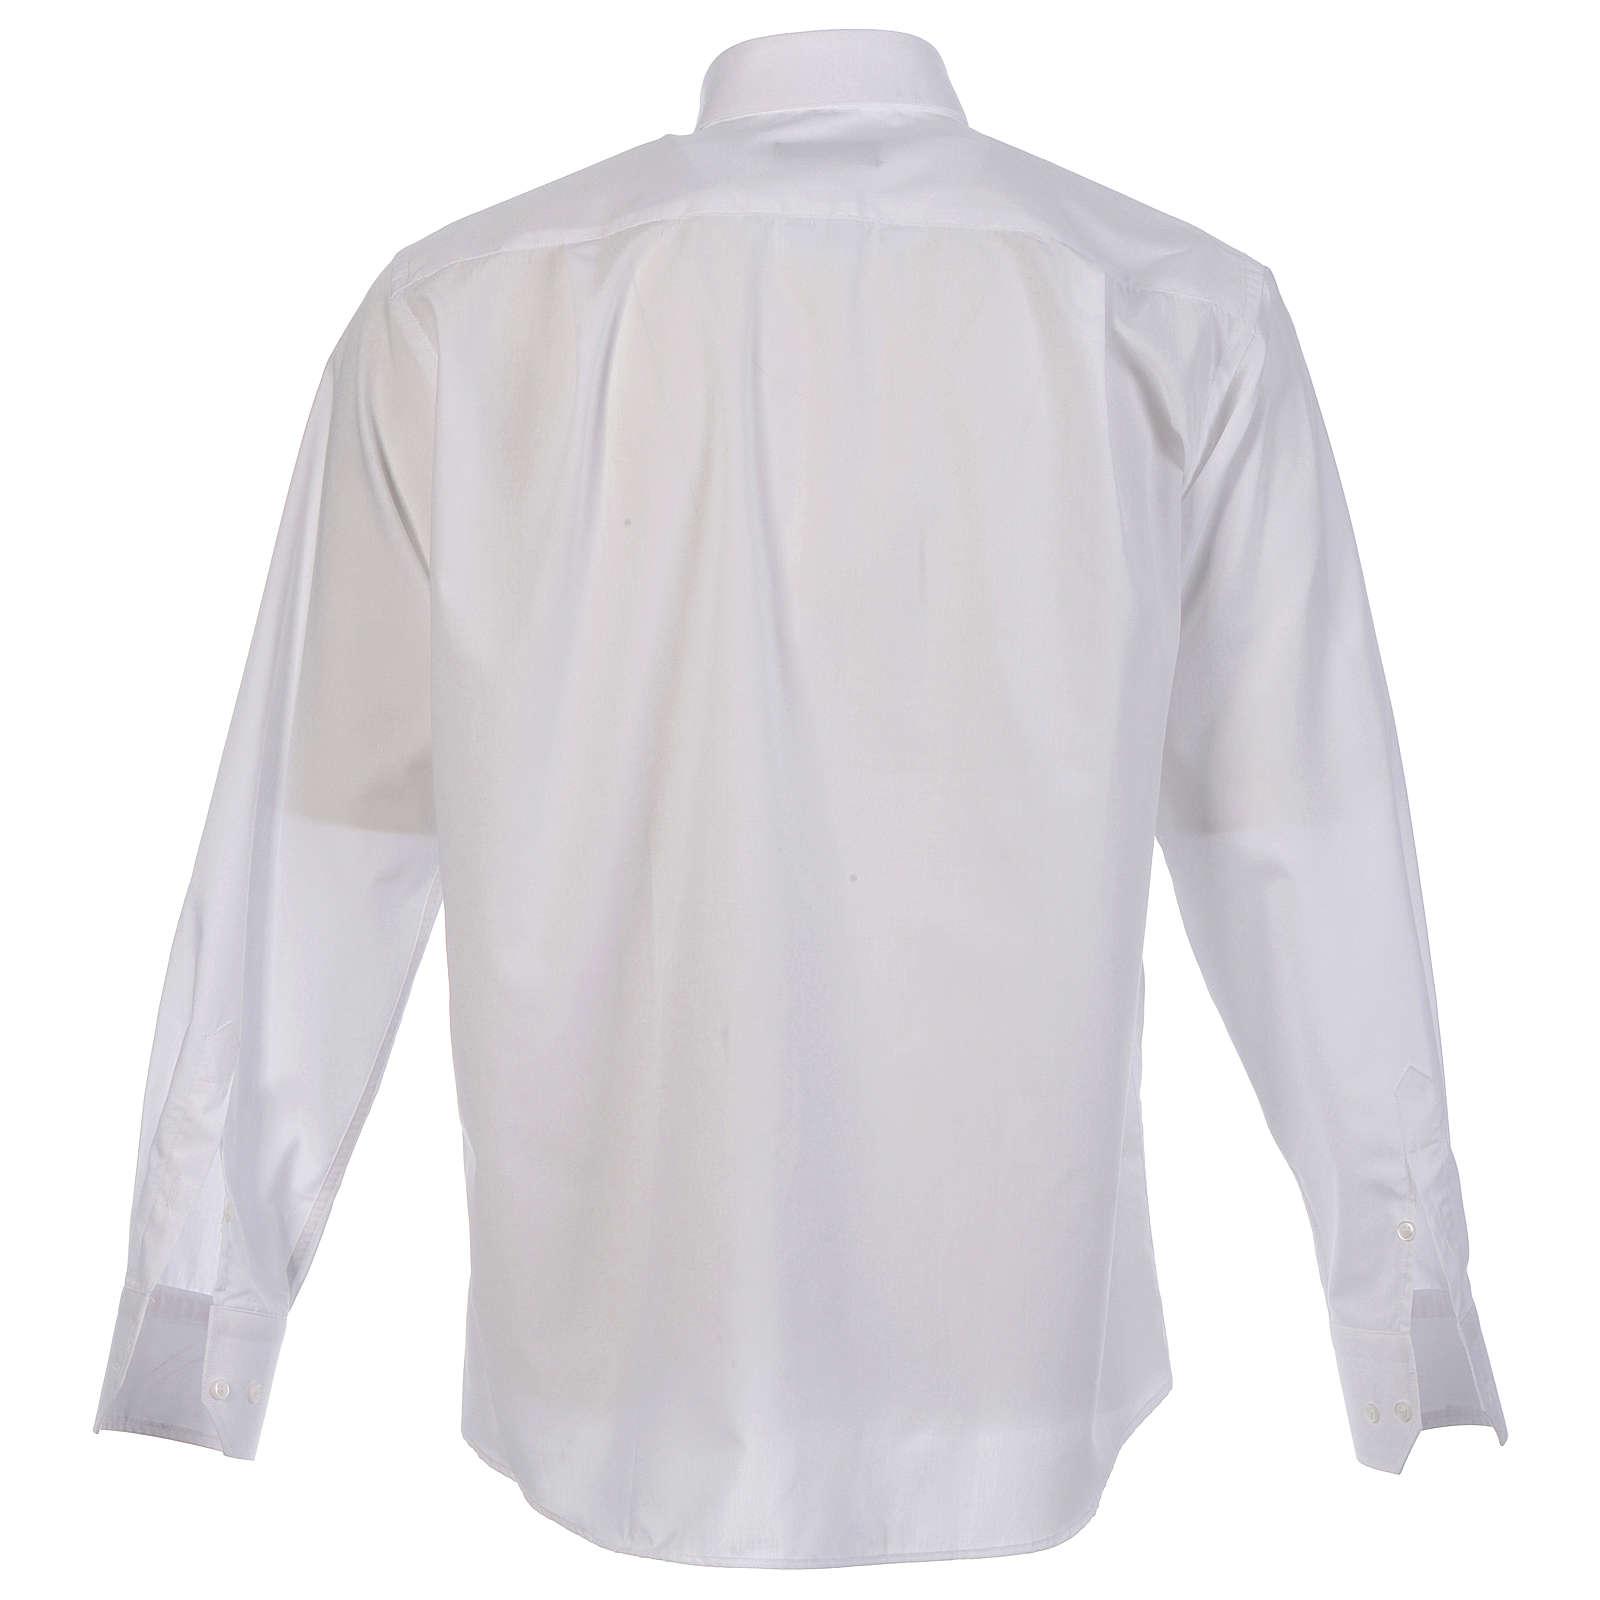 Collarhemd einfarbig mit feinen diagonalen Streifen Farbe Weiß Langarm 4